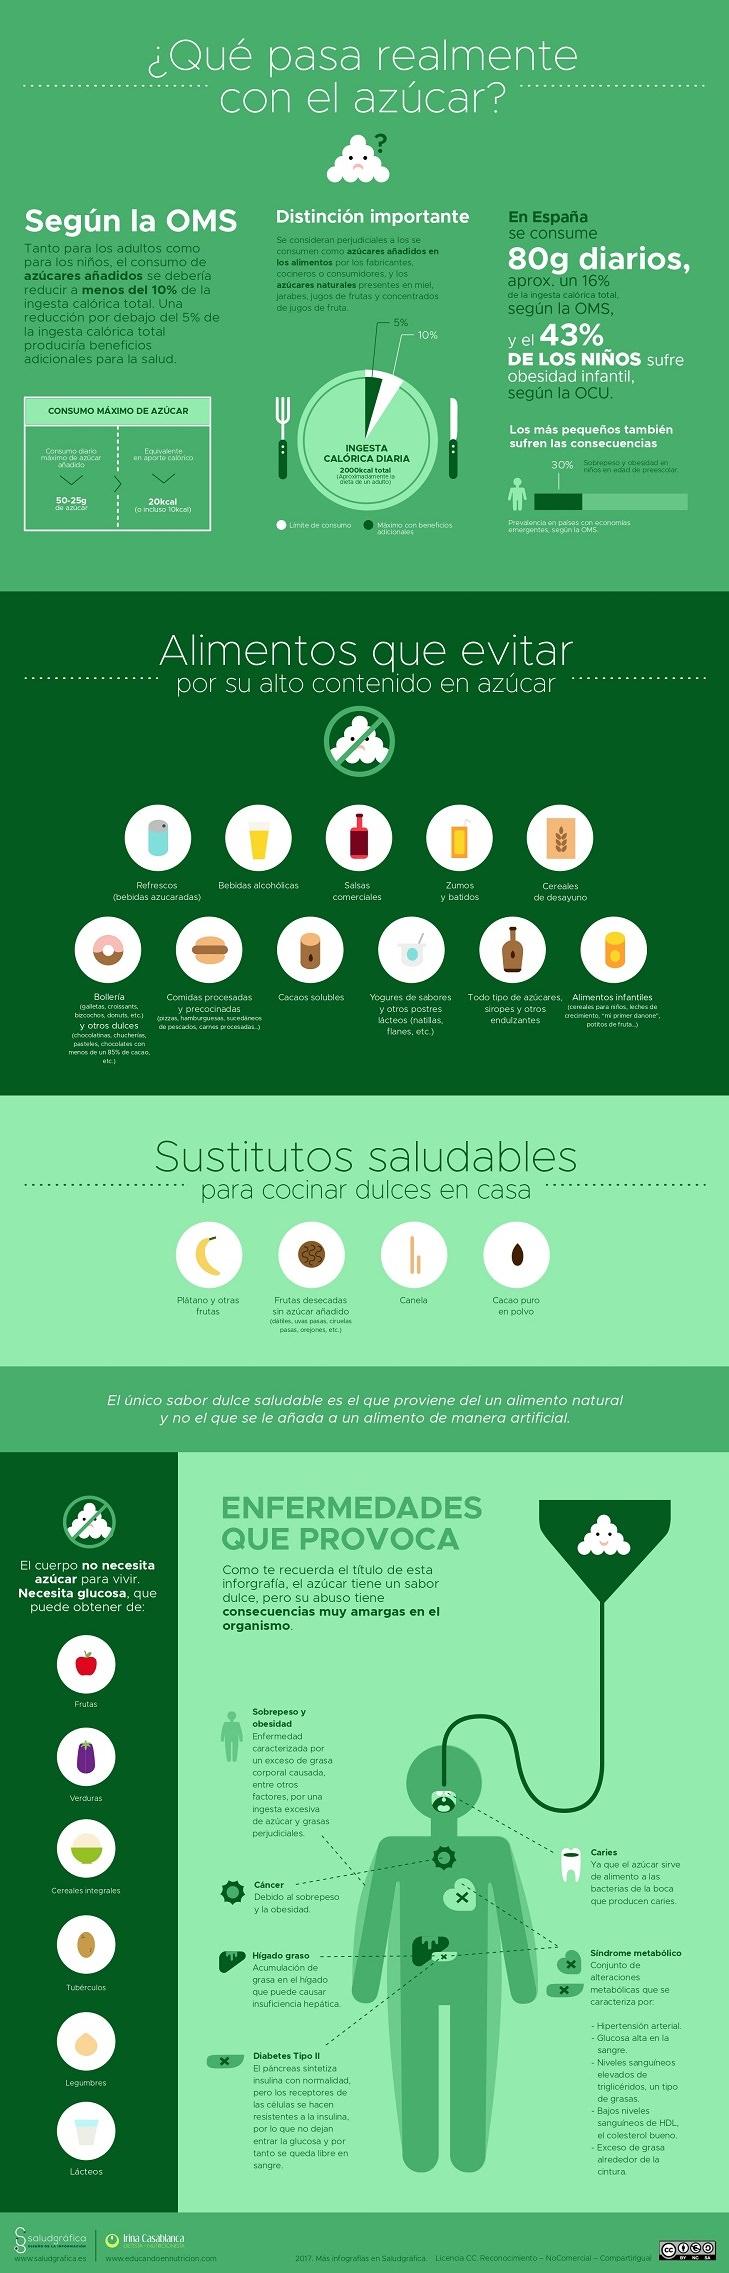 infografía azúcar